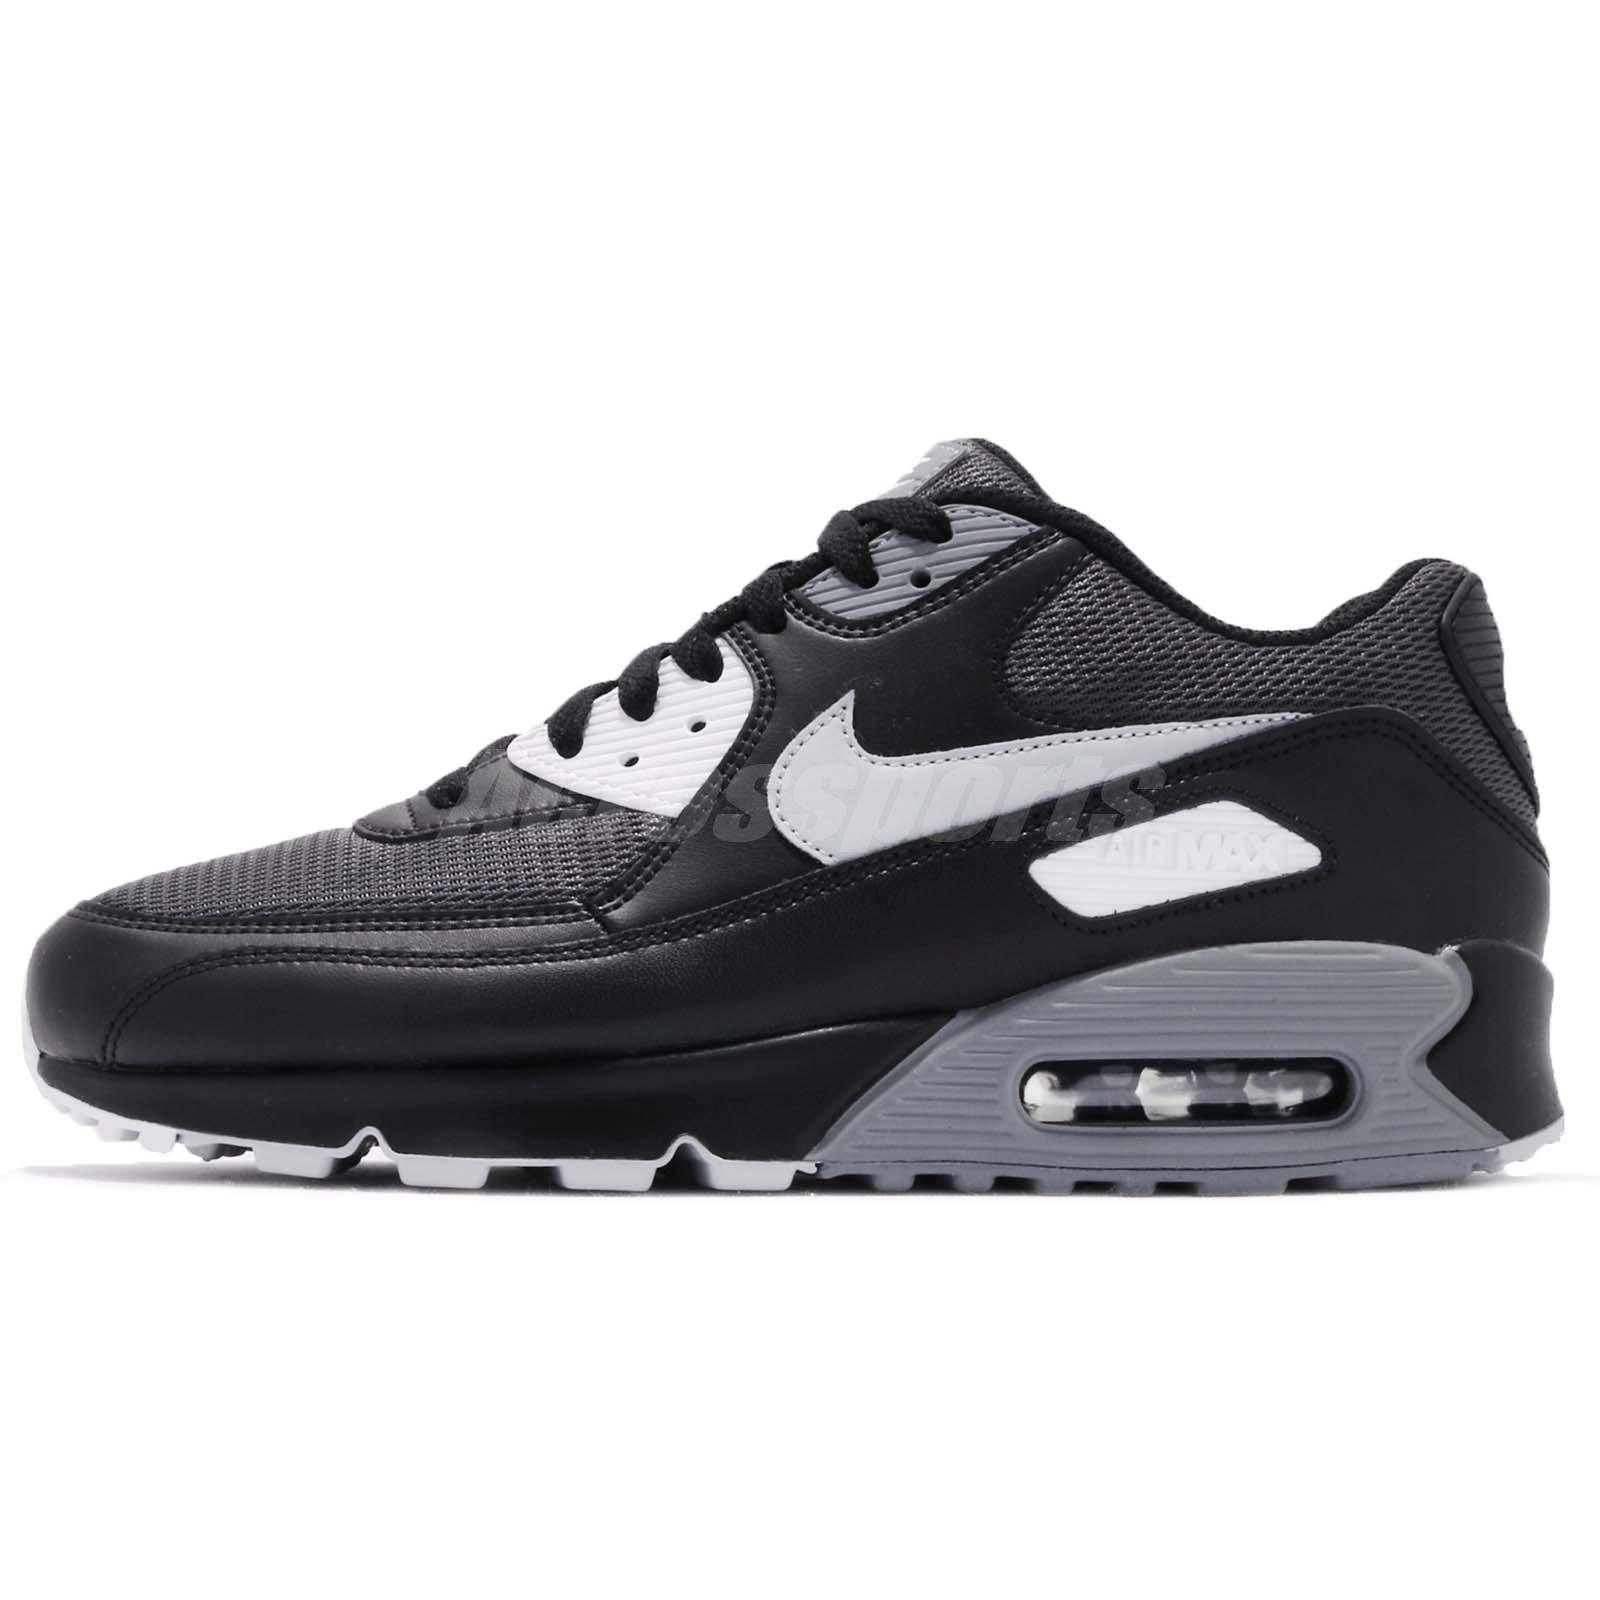 e28dbdd3ea4b Nike Air Max 90 Essential Black Wolf Dark Grey Men Running Shoes AJ1285-003